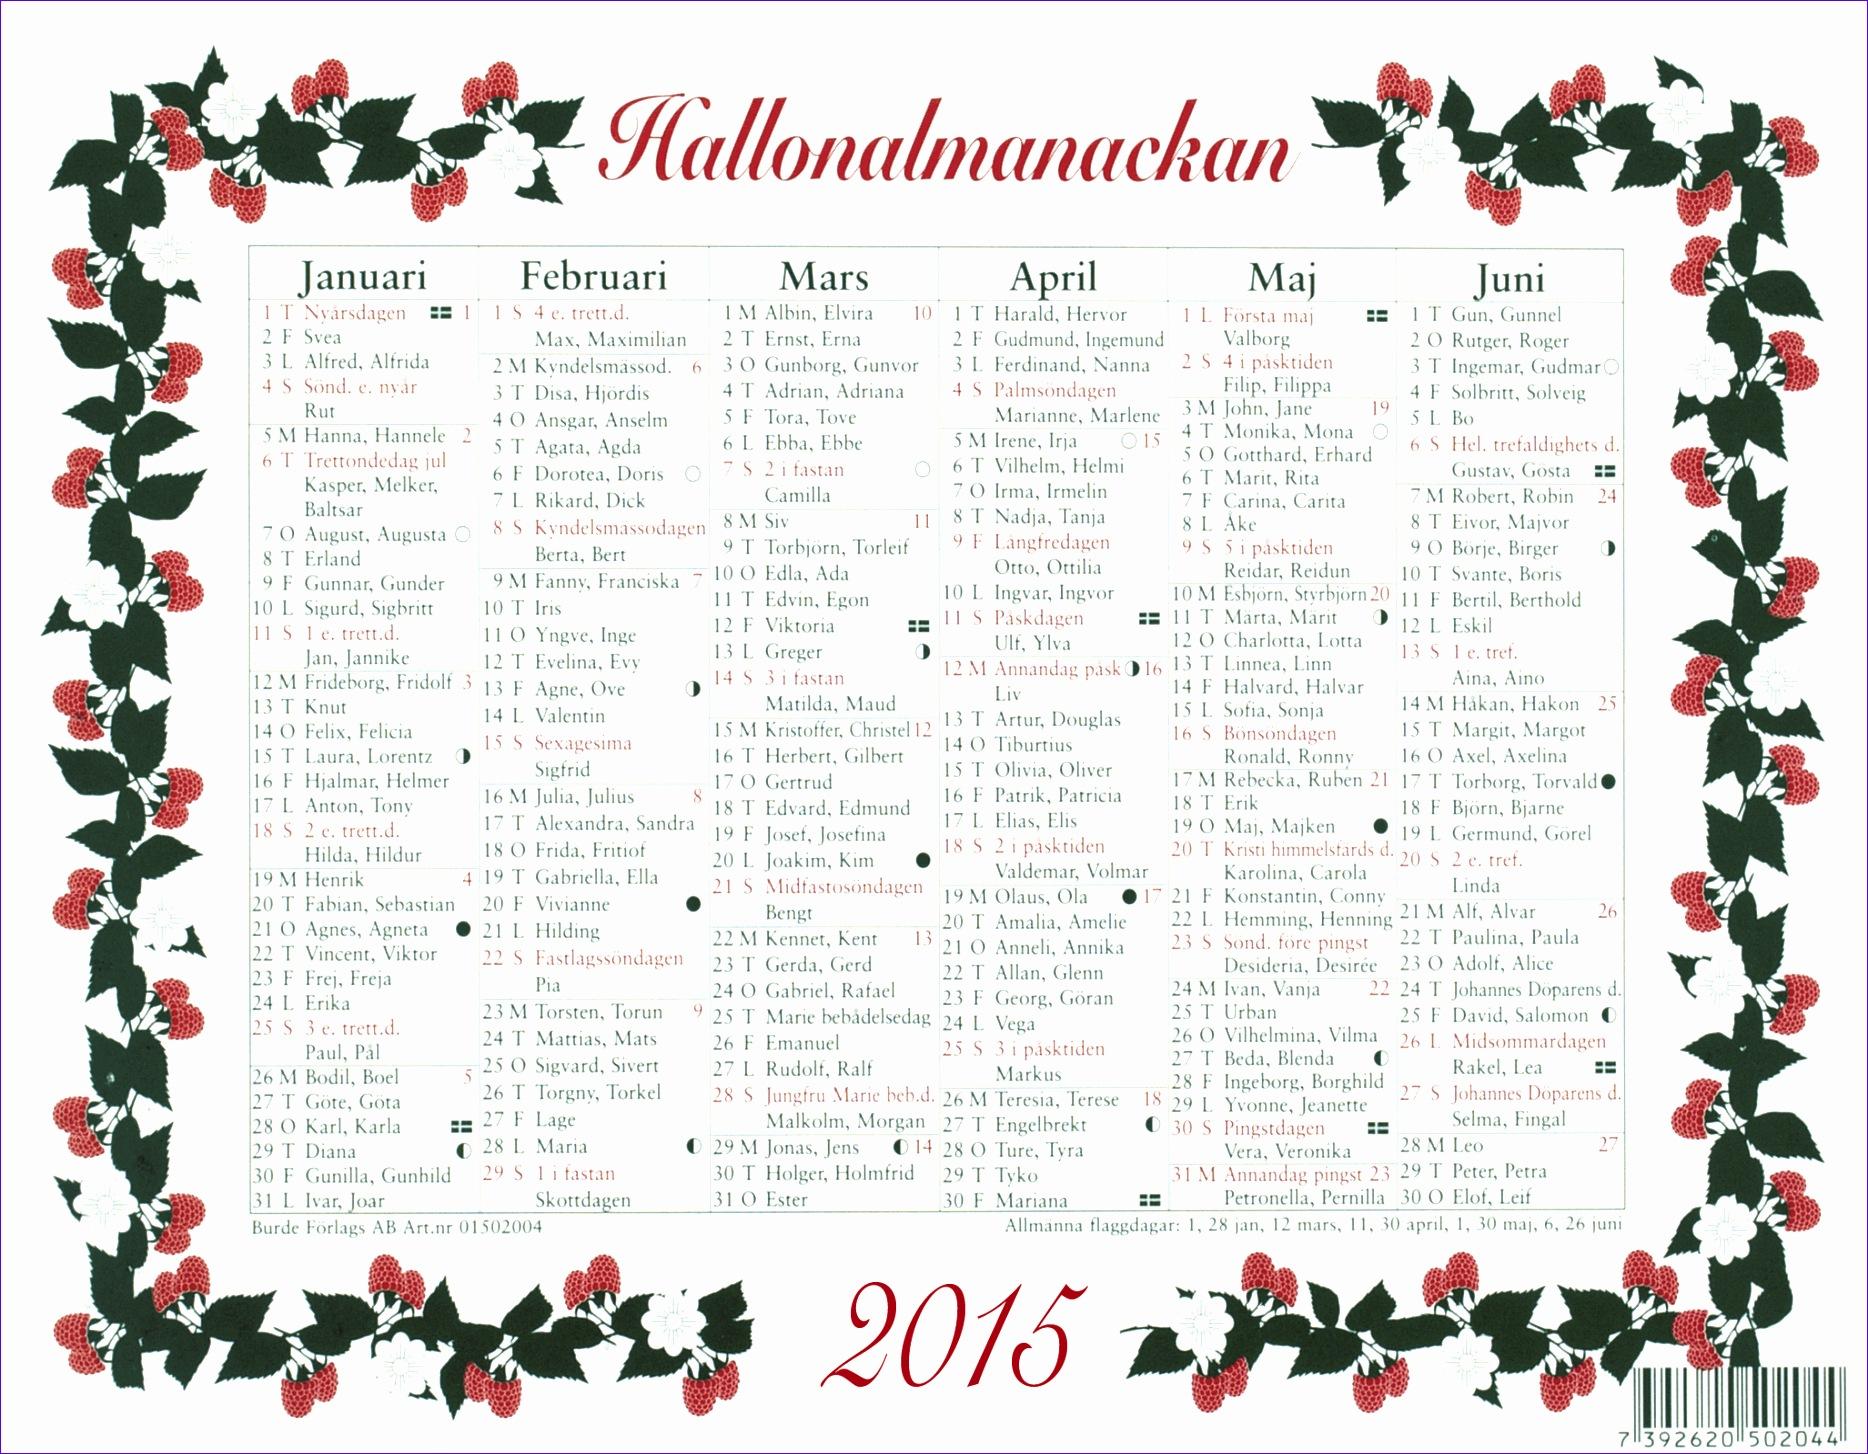 almanacka 2015 18681454